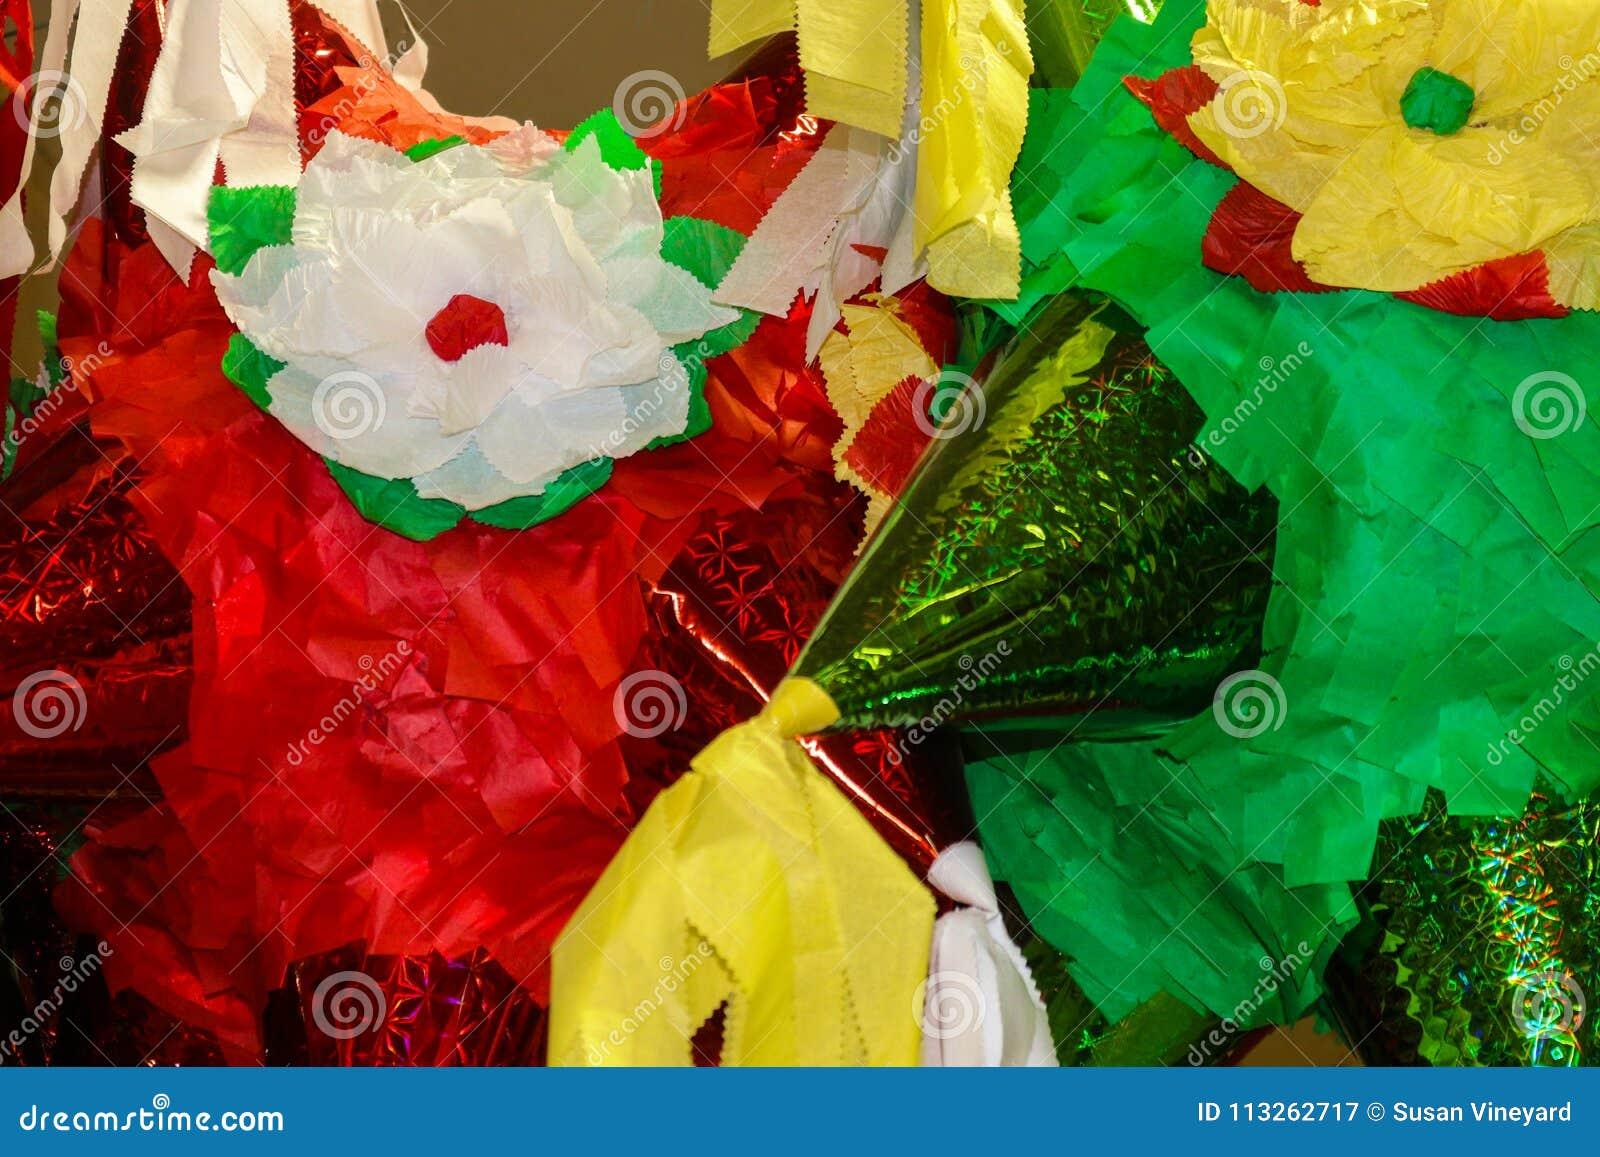 Piñata brillamment coloré prêt à remplir de sucrerie et de petits jouets pour une célébration mexicaine - fond - plan rapproché